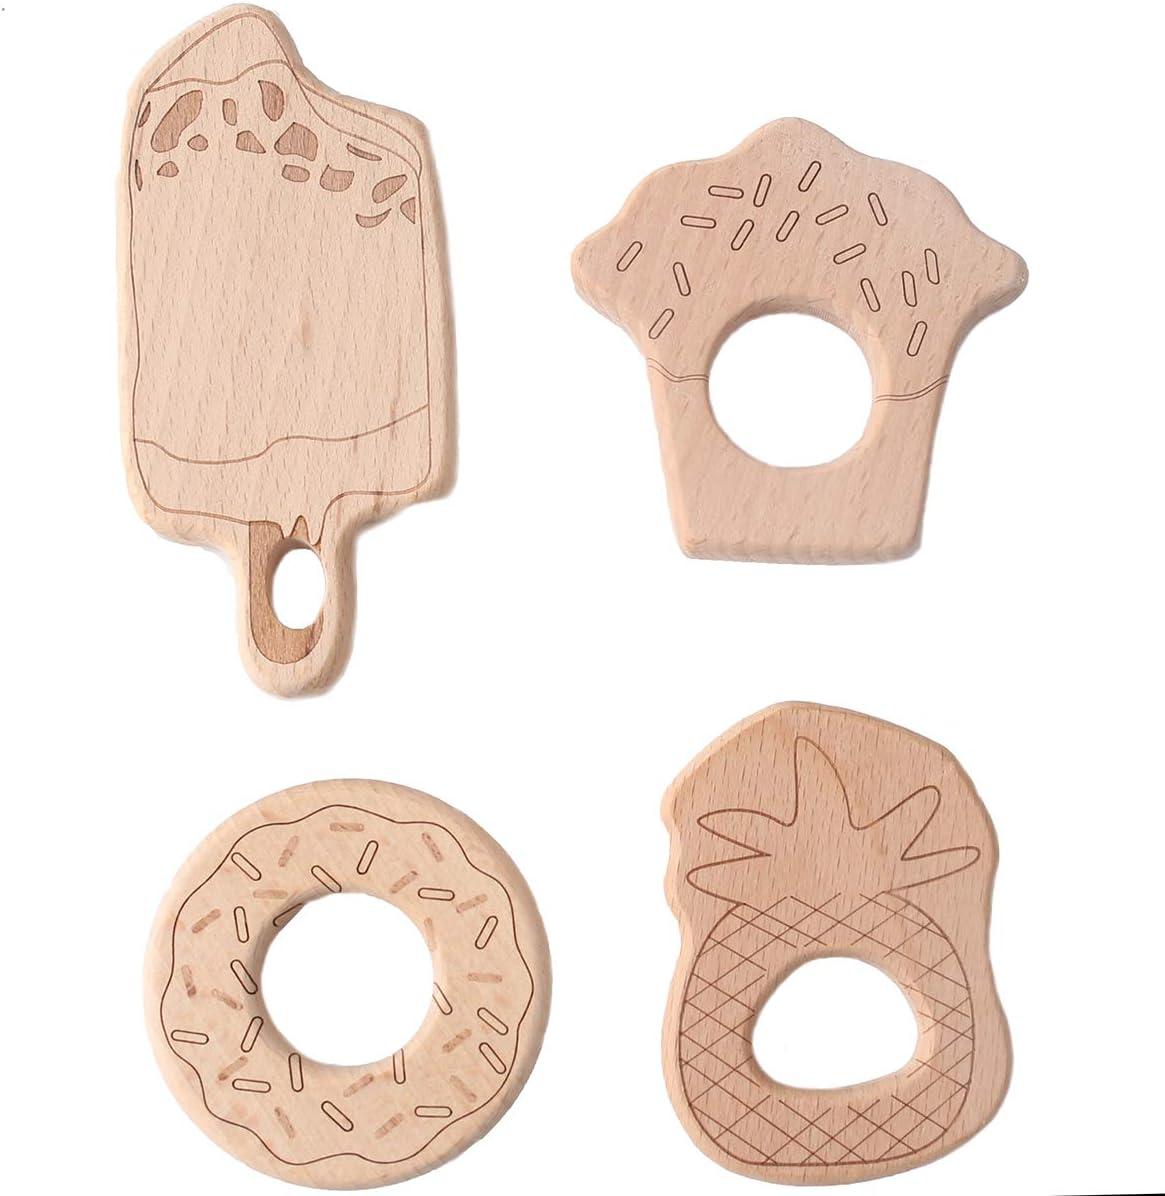 Promise Babe 11pc Dents en Bois Organiques Accessoires de Bijoux de Dentition en Bois Naturel D/éveloppement Moteur fin Montessori Toys Christmas//Shower Gift